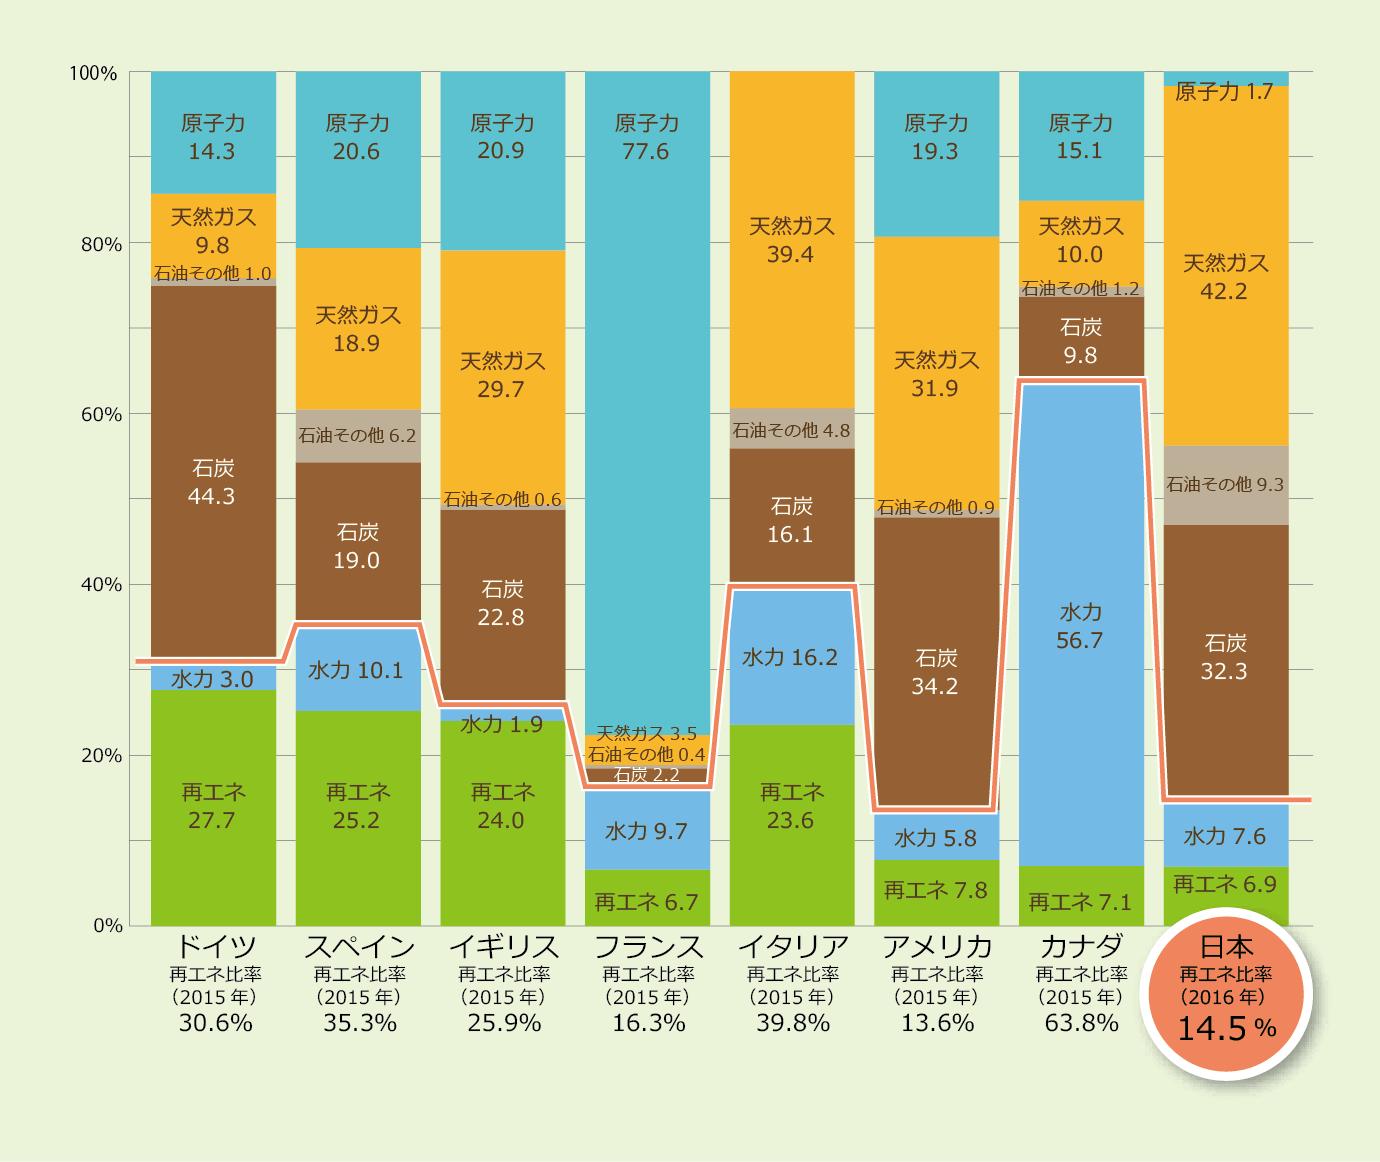 諸外国と日本の発電電力量に占める再エネ比率の比較表